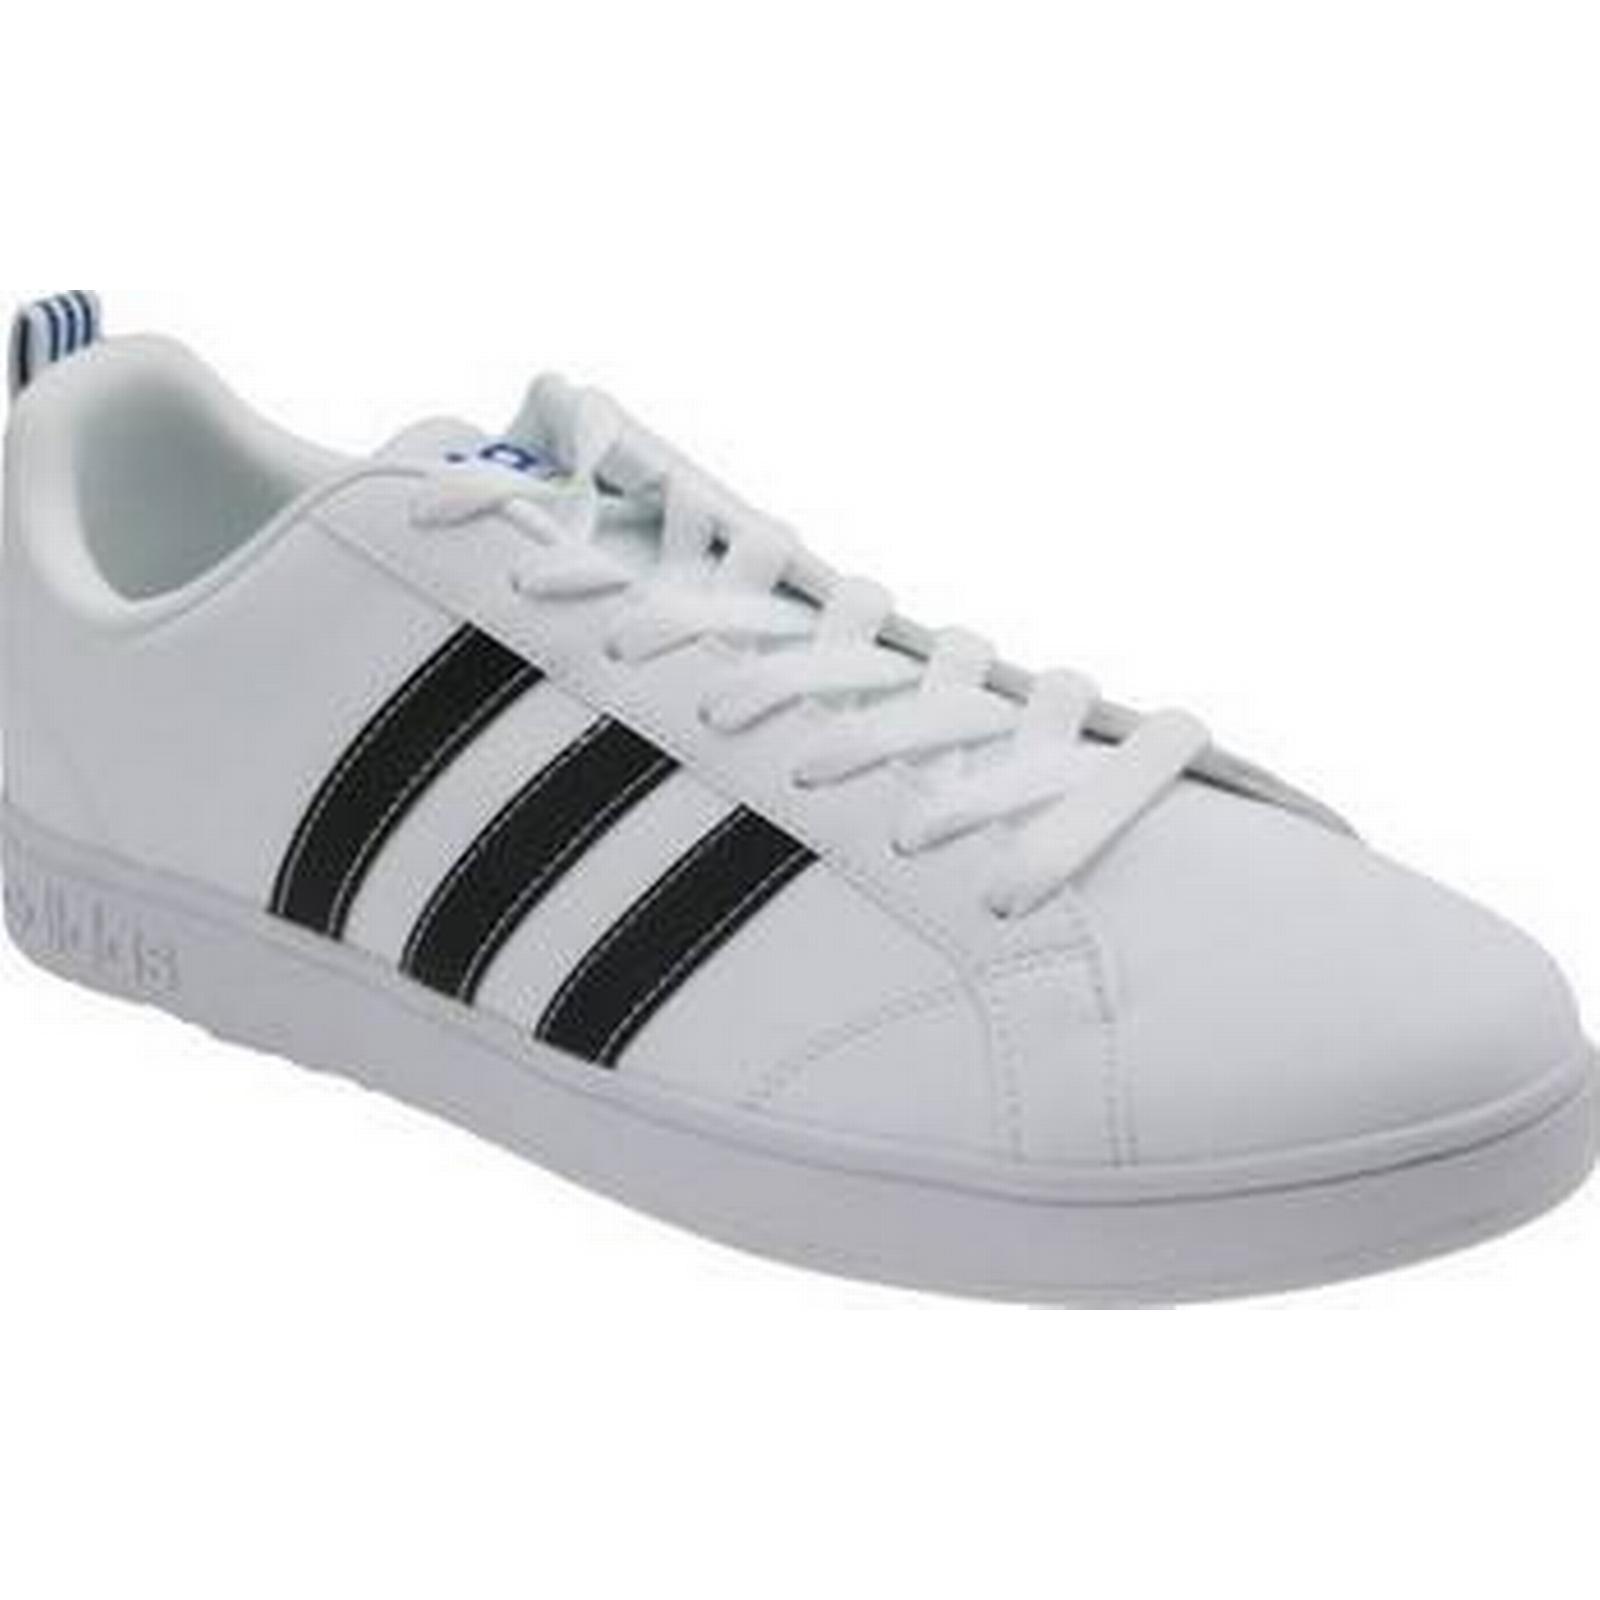 spartoo.co.uk adidas vs avantage les hommes et #  ; en s Chaussure s formateurs en ; blanc 4646b6